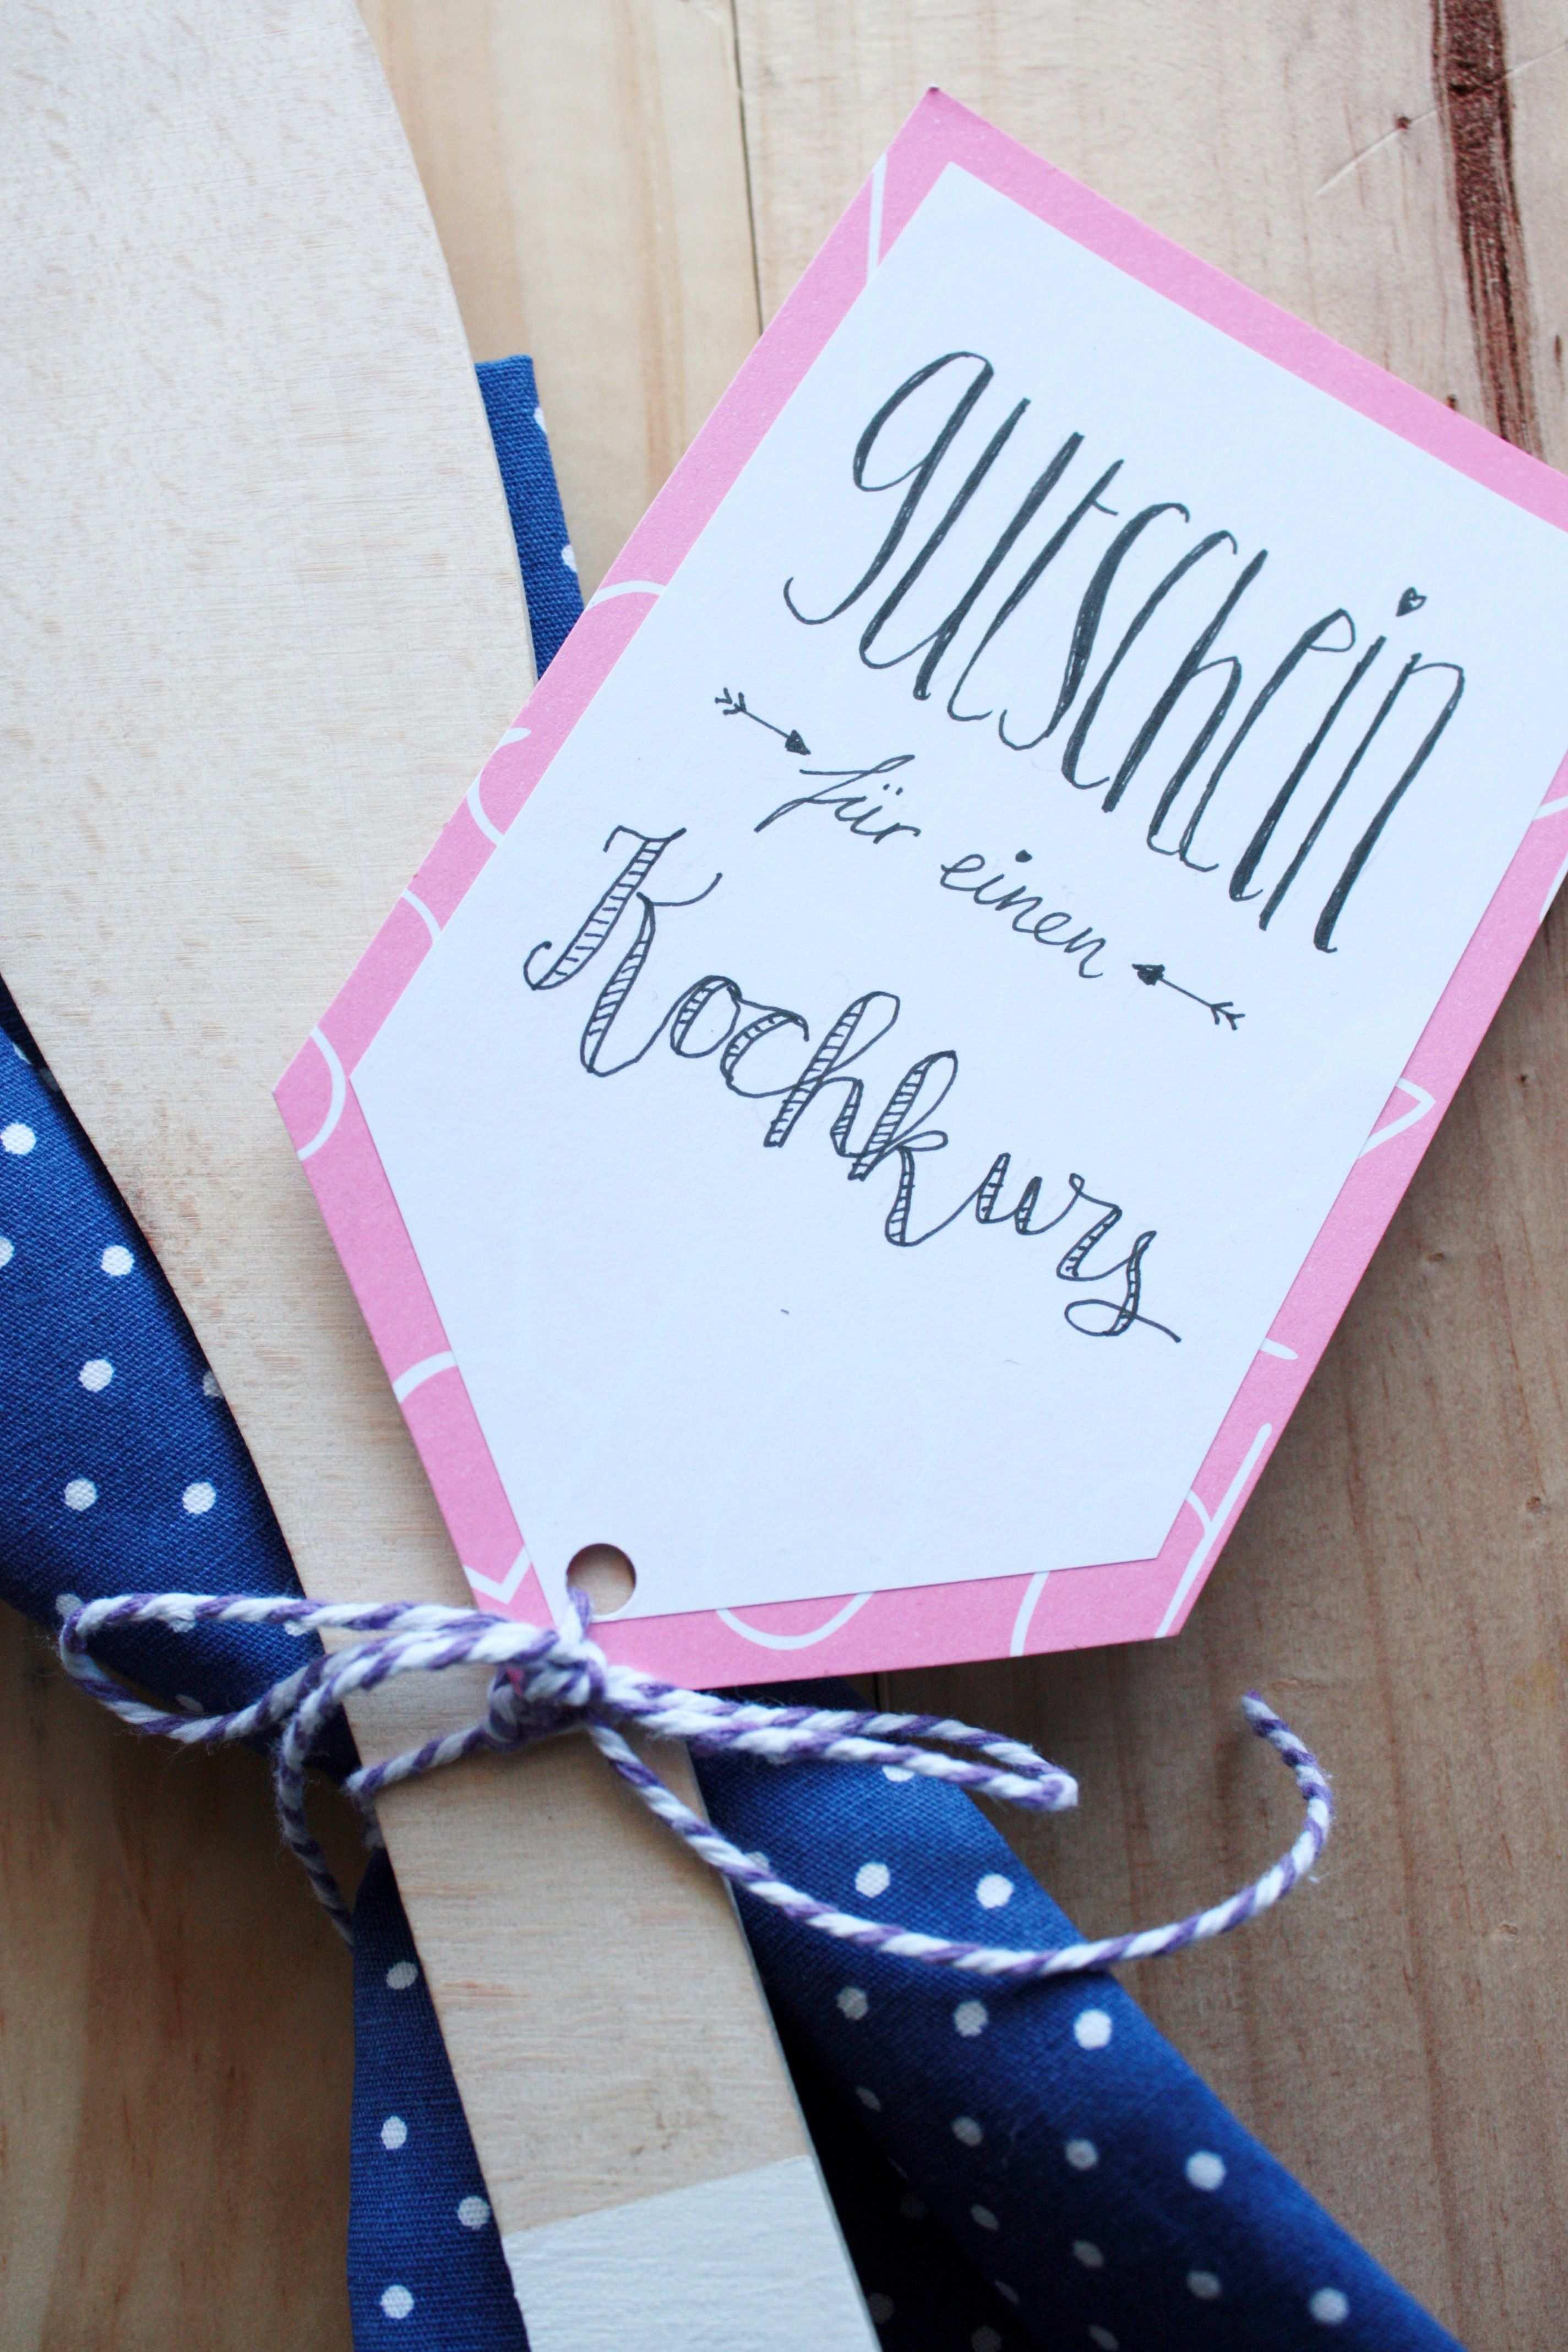 Gutscheine Verpacken Gutschein Fur Einen Kochkurs Selbst Gestalten Rosy Grey Gutschein Basteln Hochzeit Gutschein Gestalten Geburtstagskarte Diy